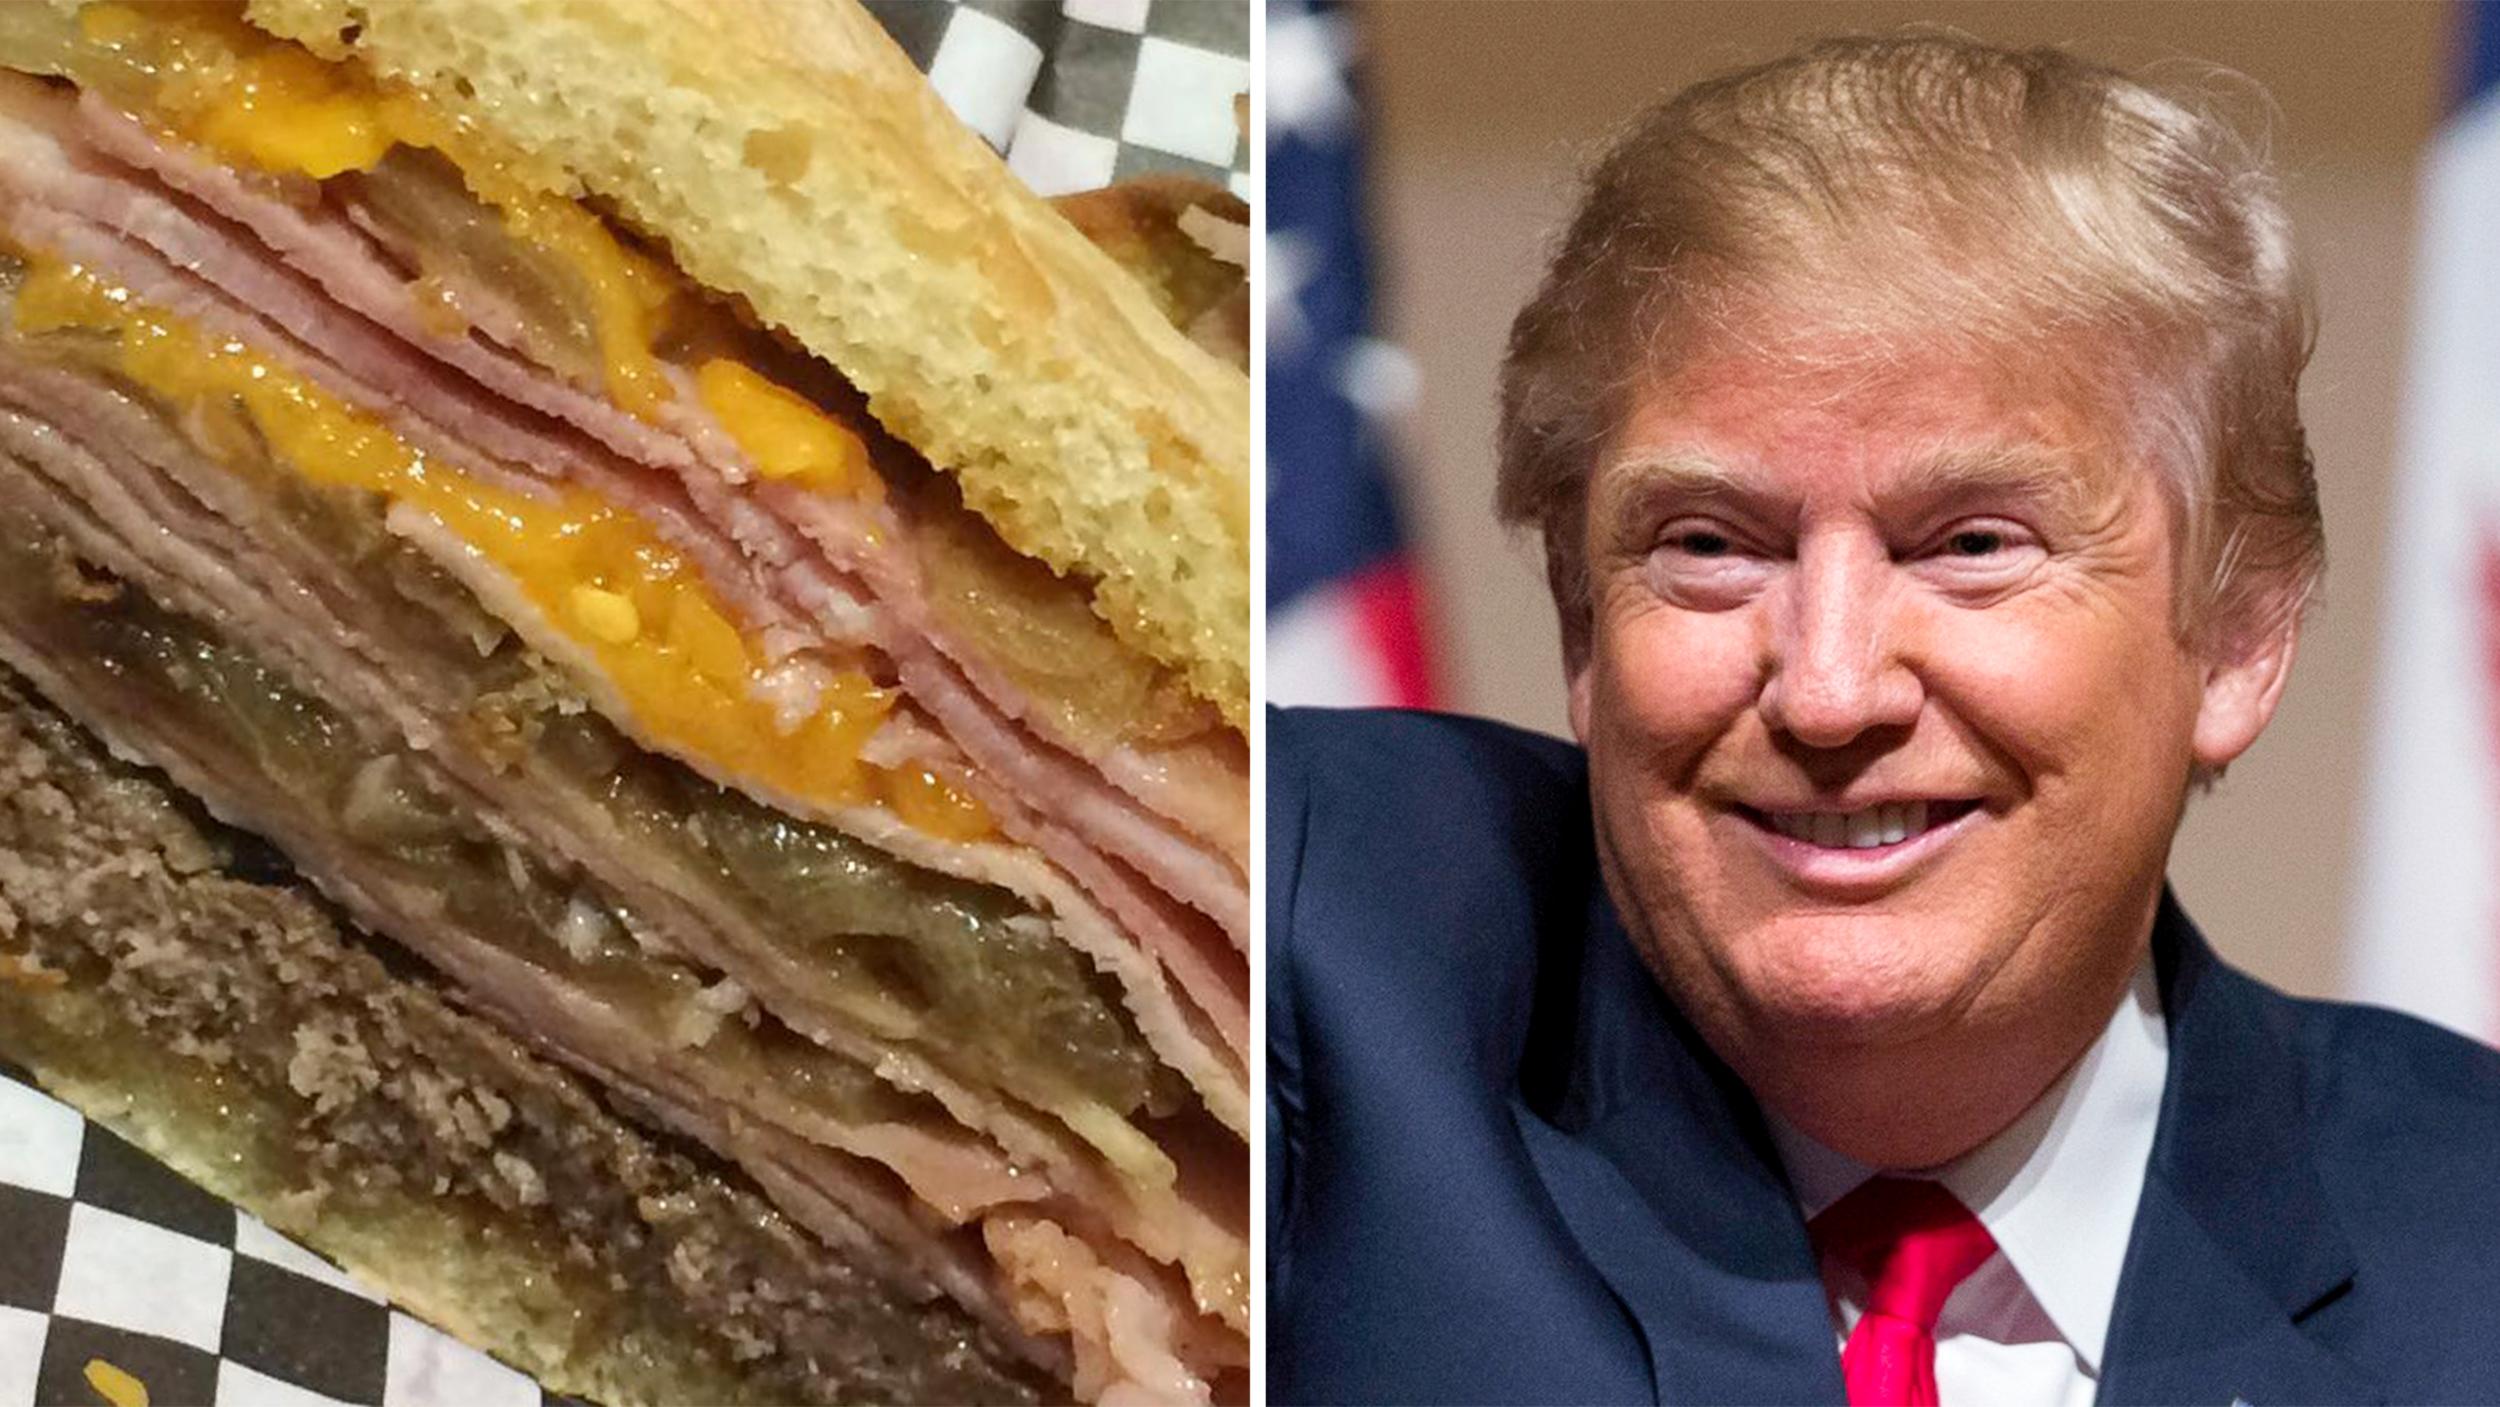 Trump Burger